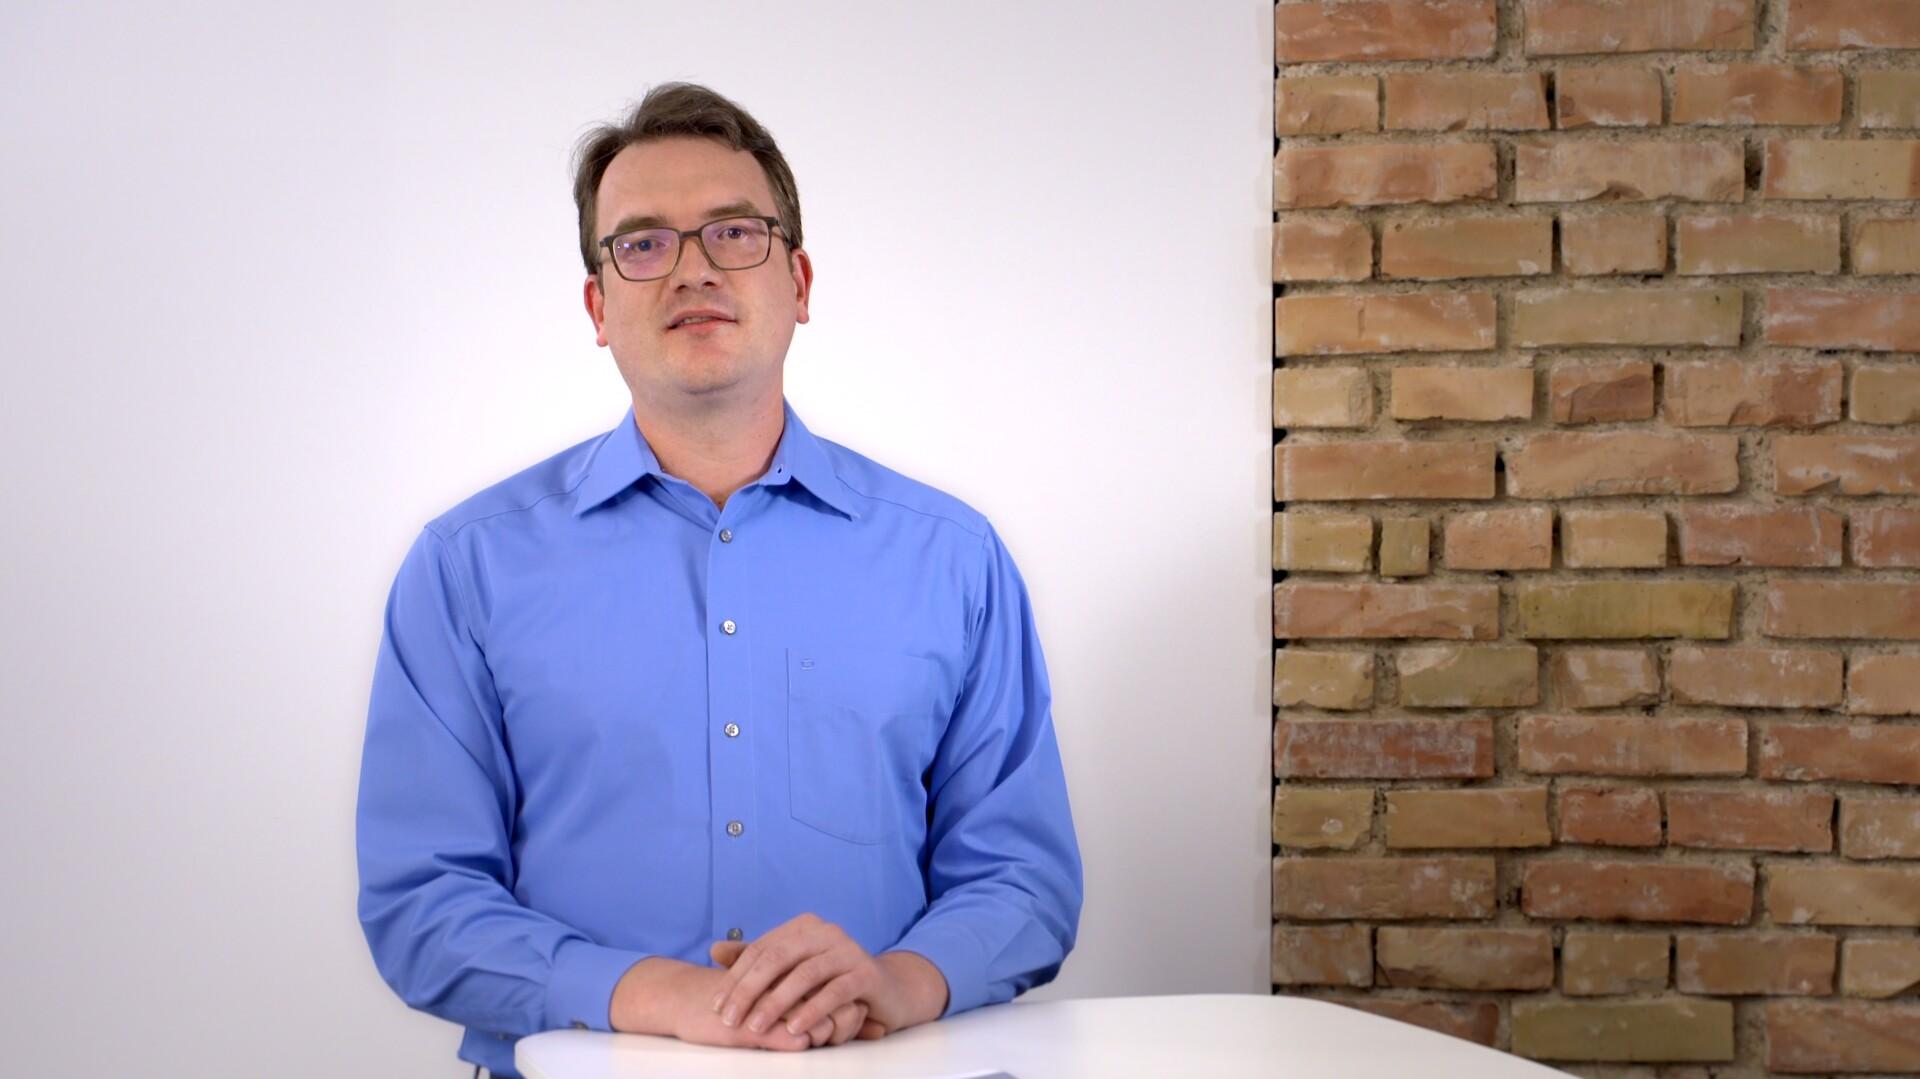 Projektingenieur Matthias Bürle erklärt, wie ein Großprojekt geplant wird